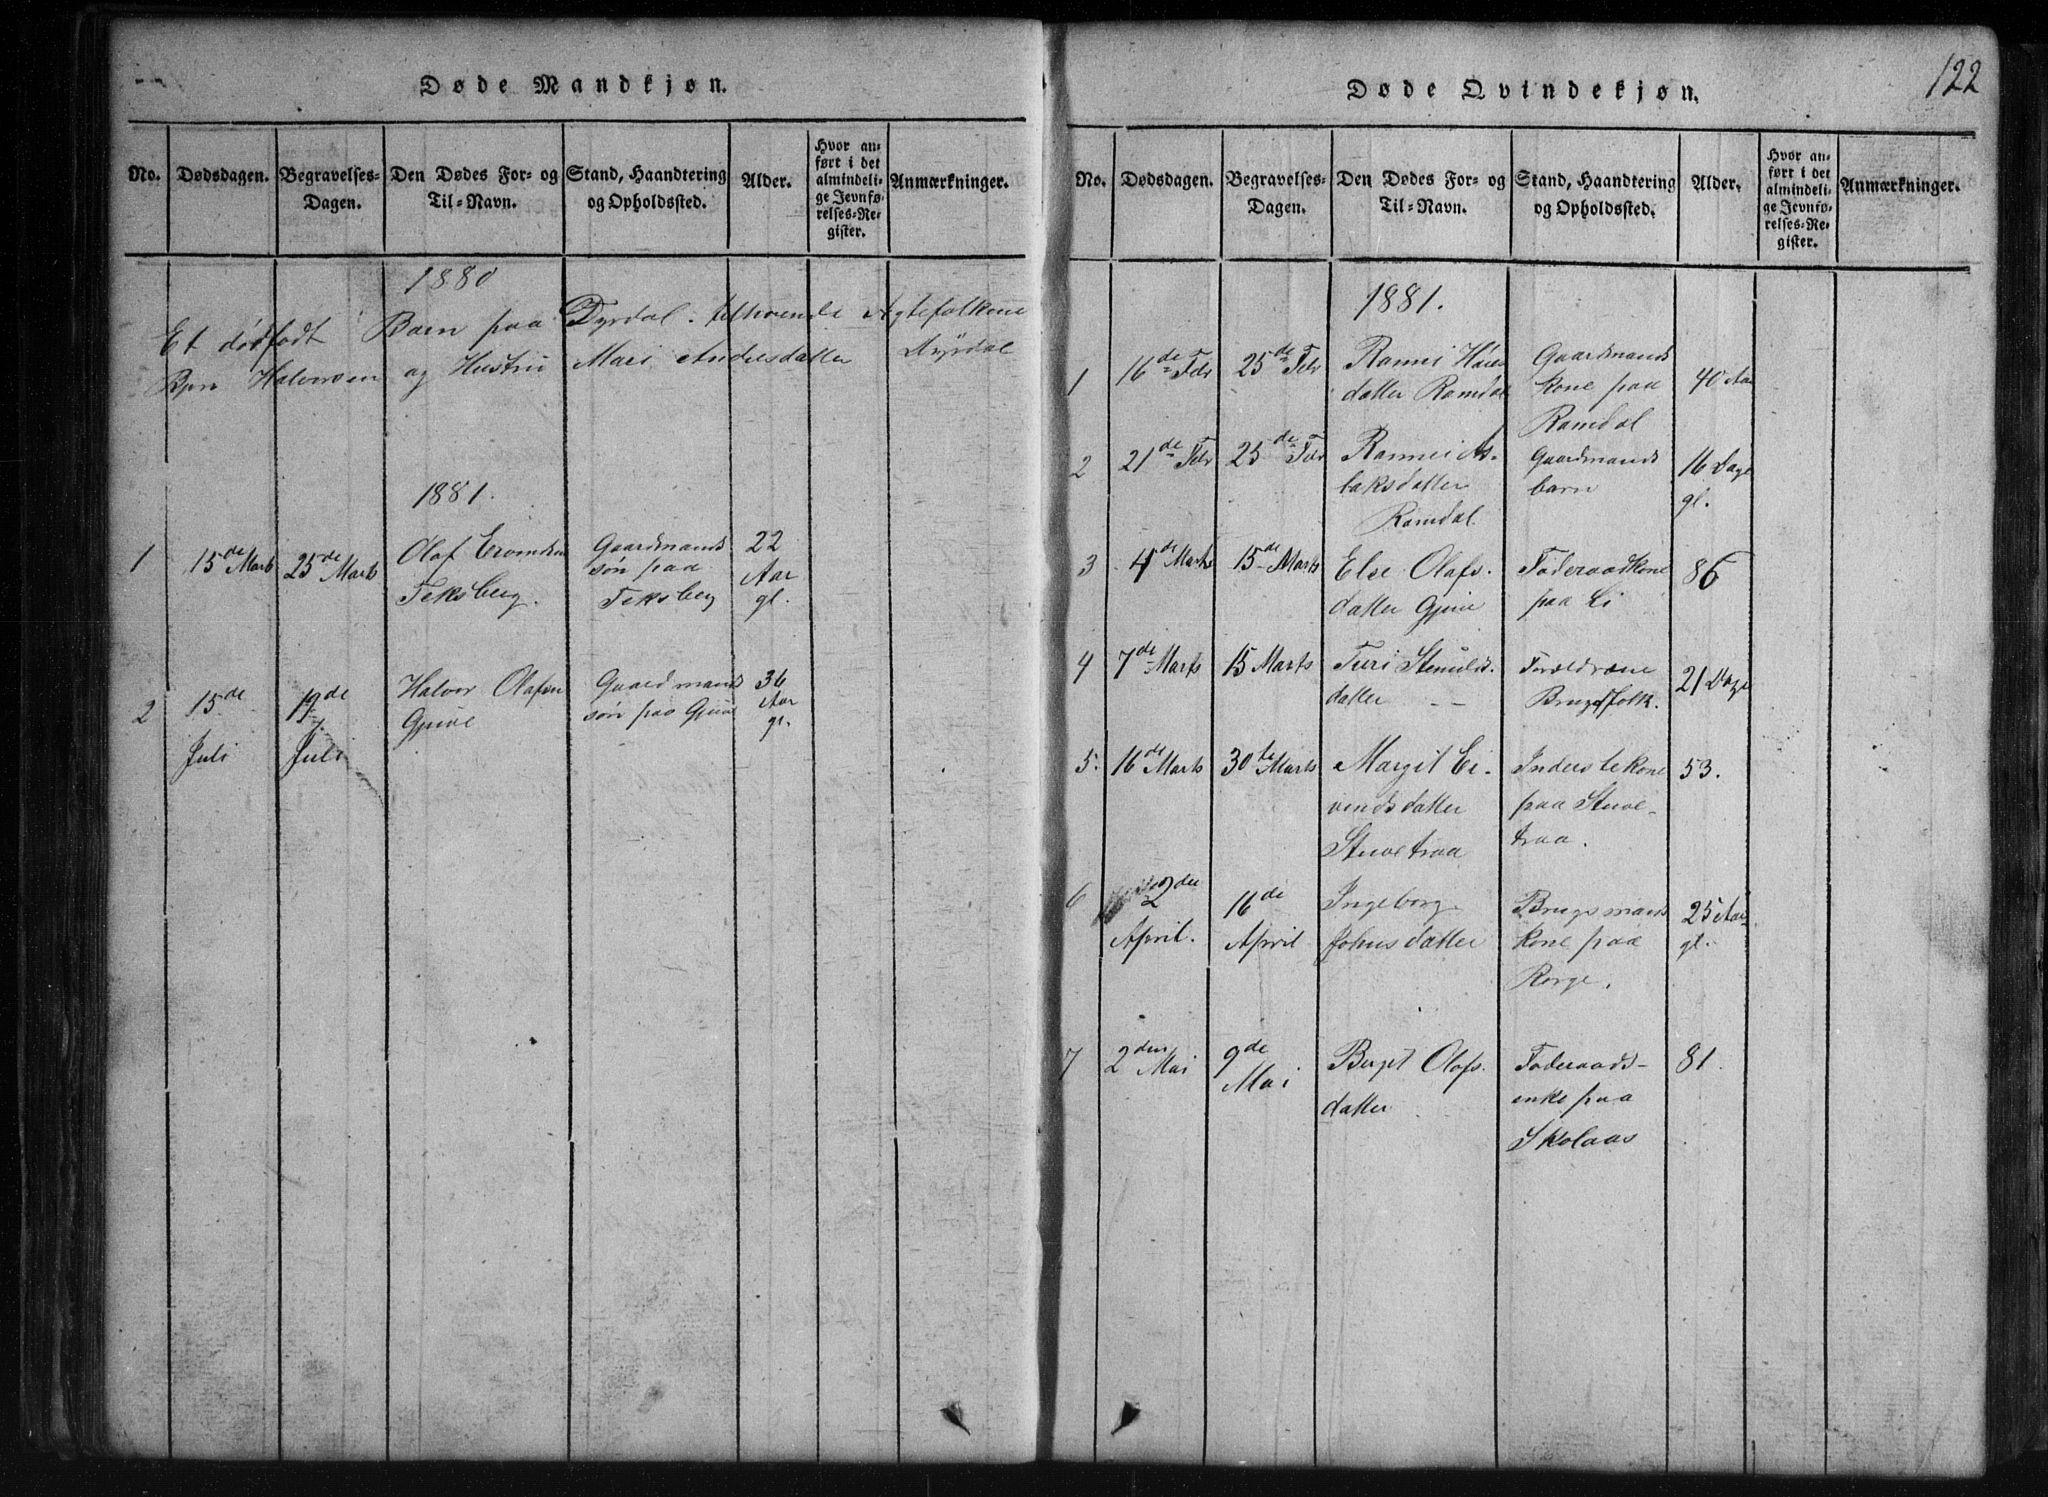 SAKO, Rauland kirkebøker, G/Gb/L0001: Klokkerbok nr. II 1, 1815-1886, s. 122